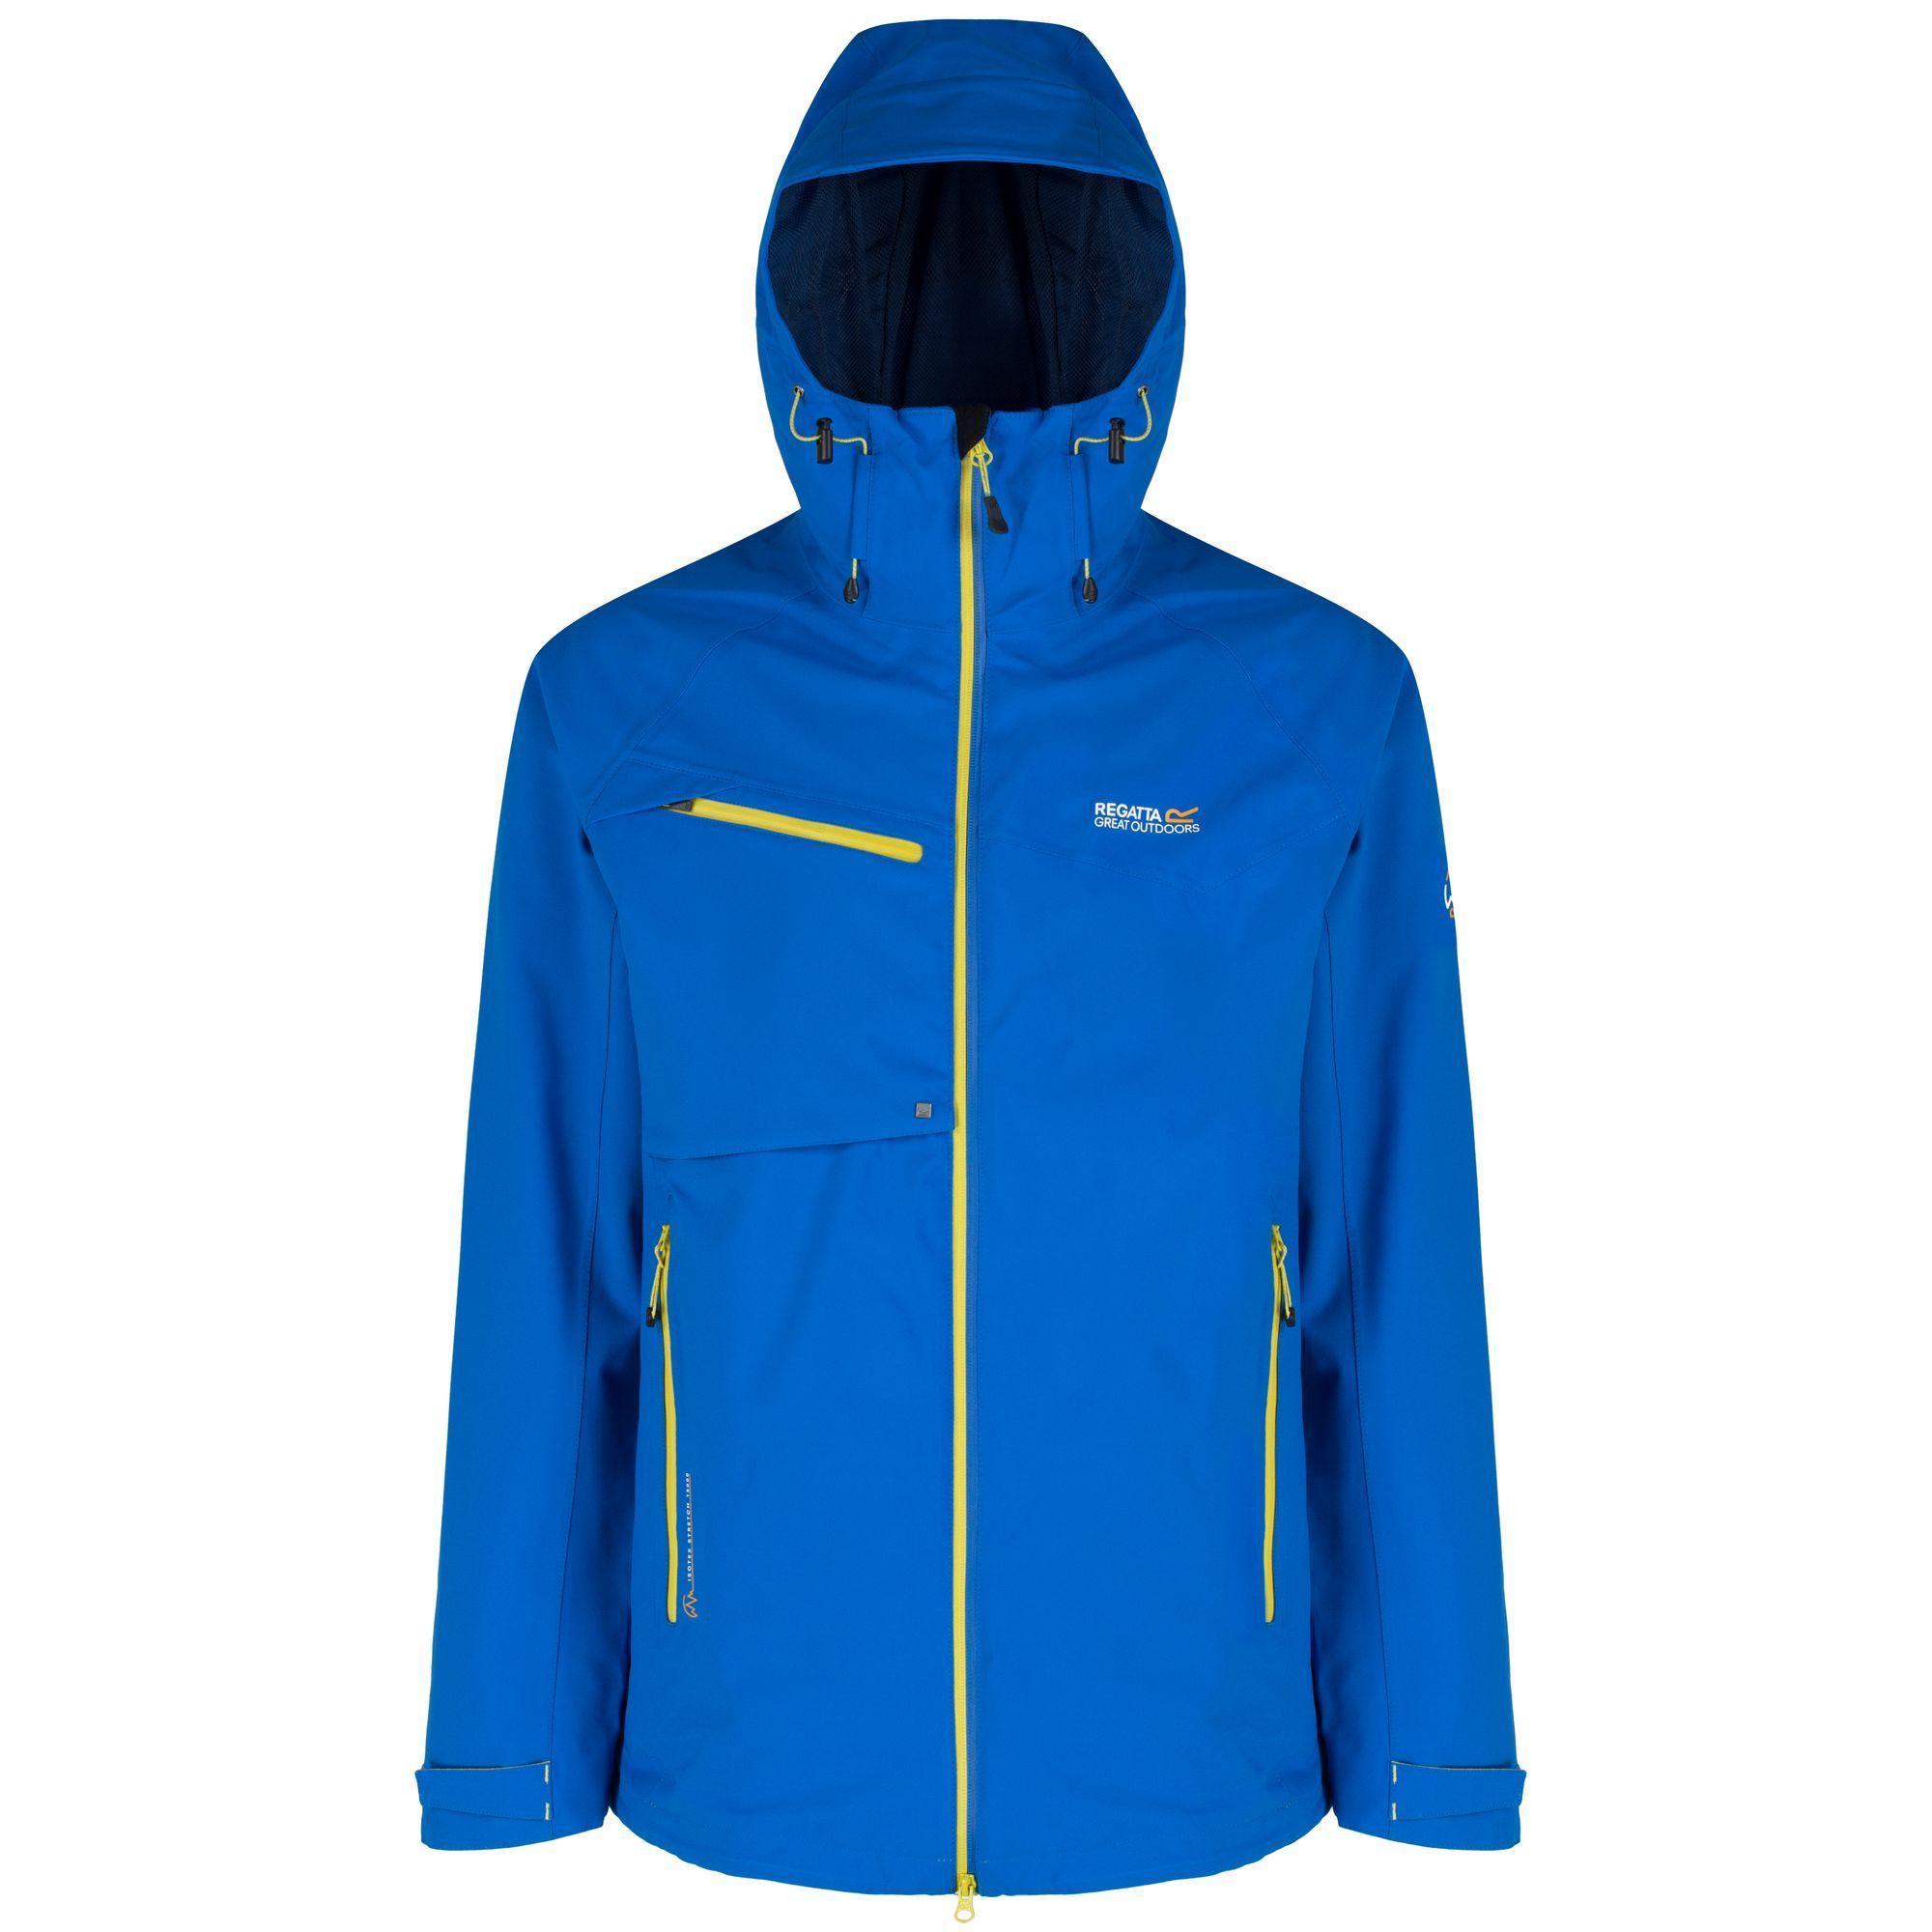 e6a90d6186ebad Artykuł: Techniczne kurtki na zimę - nowości marki Regatta ...